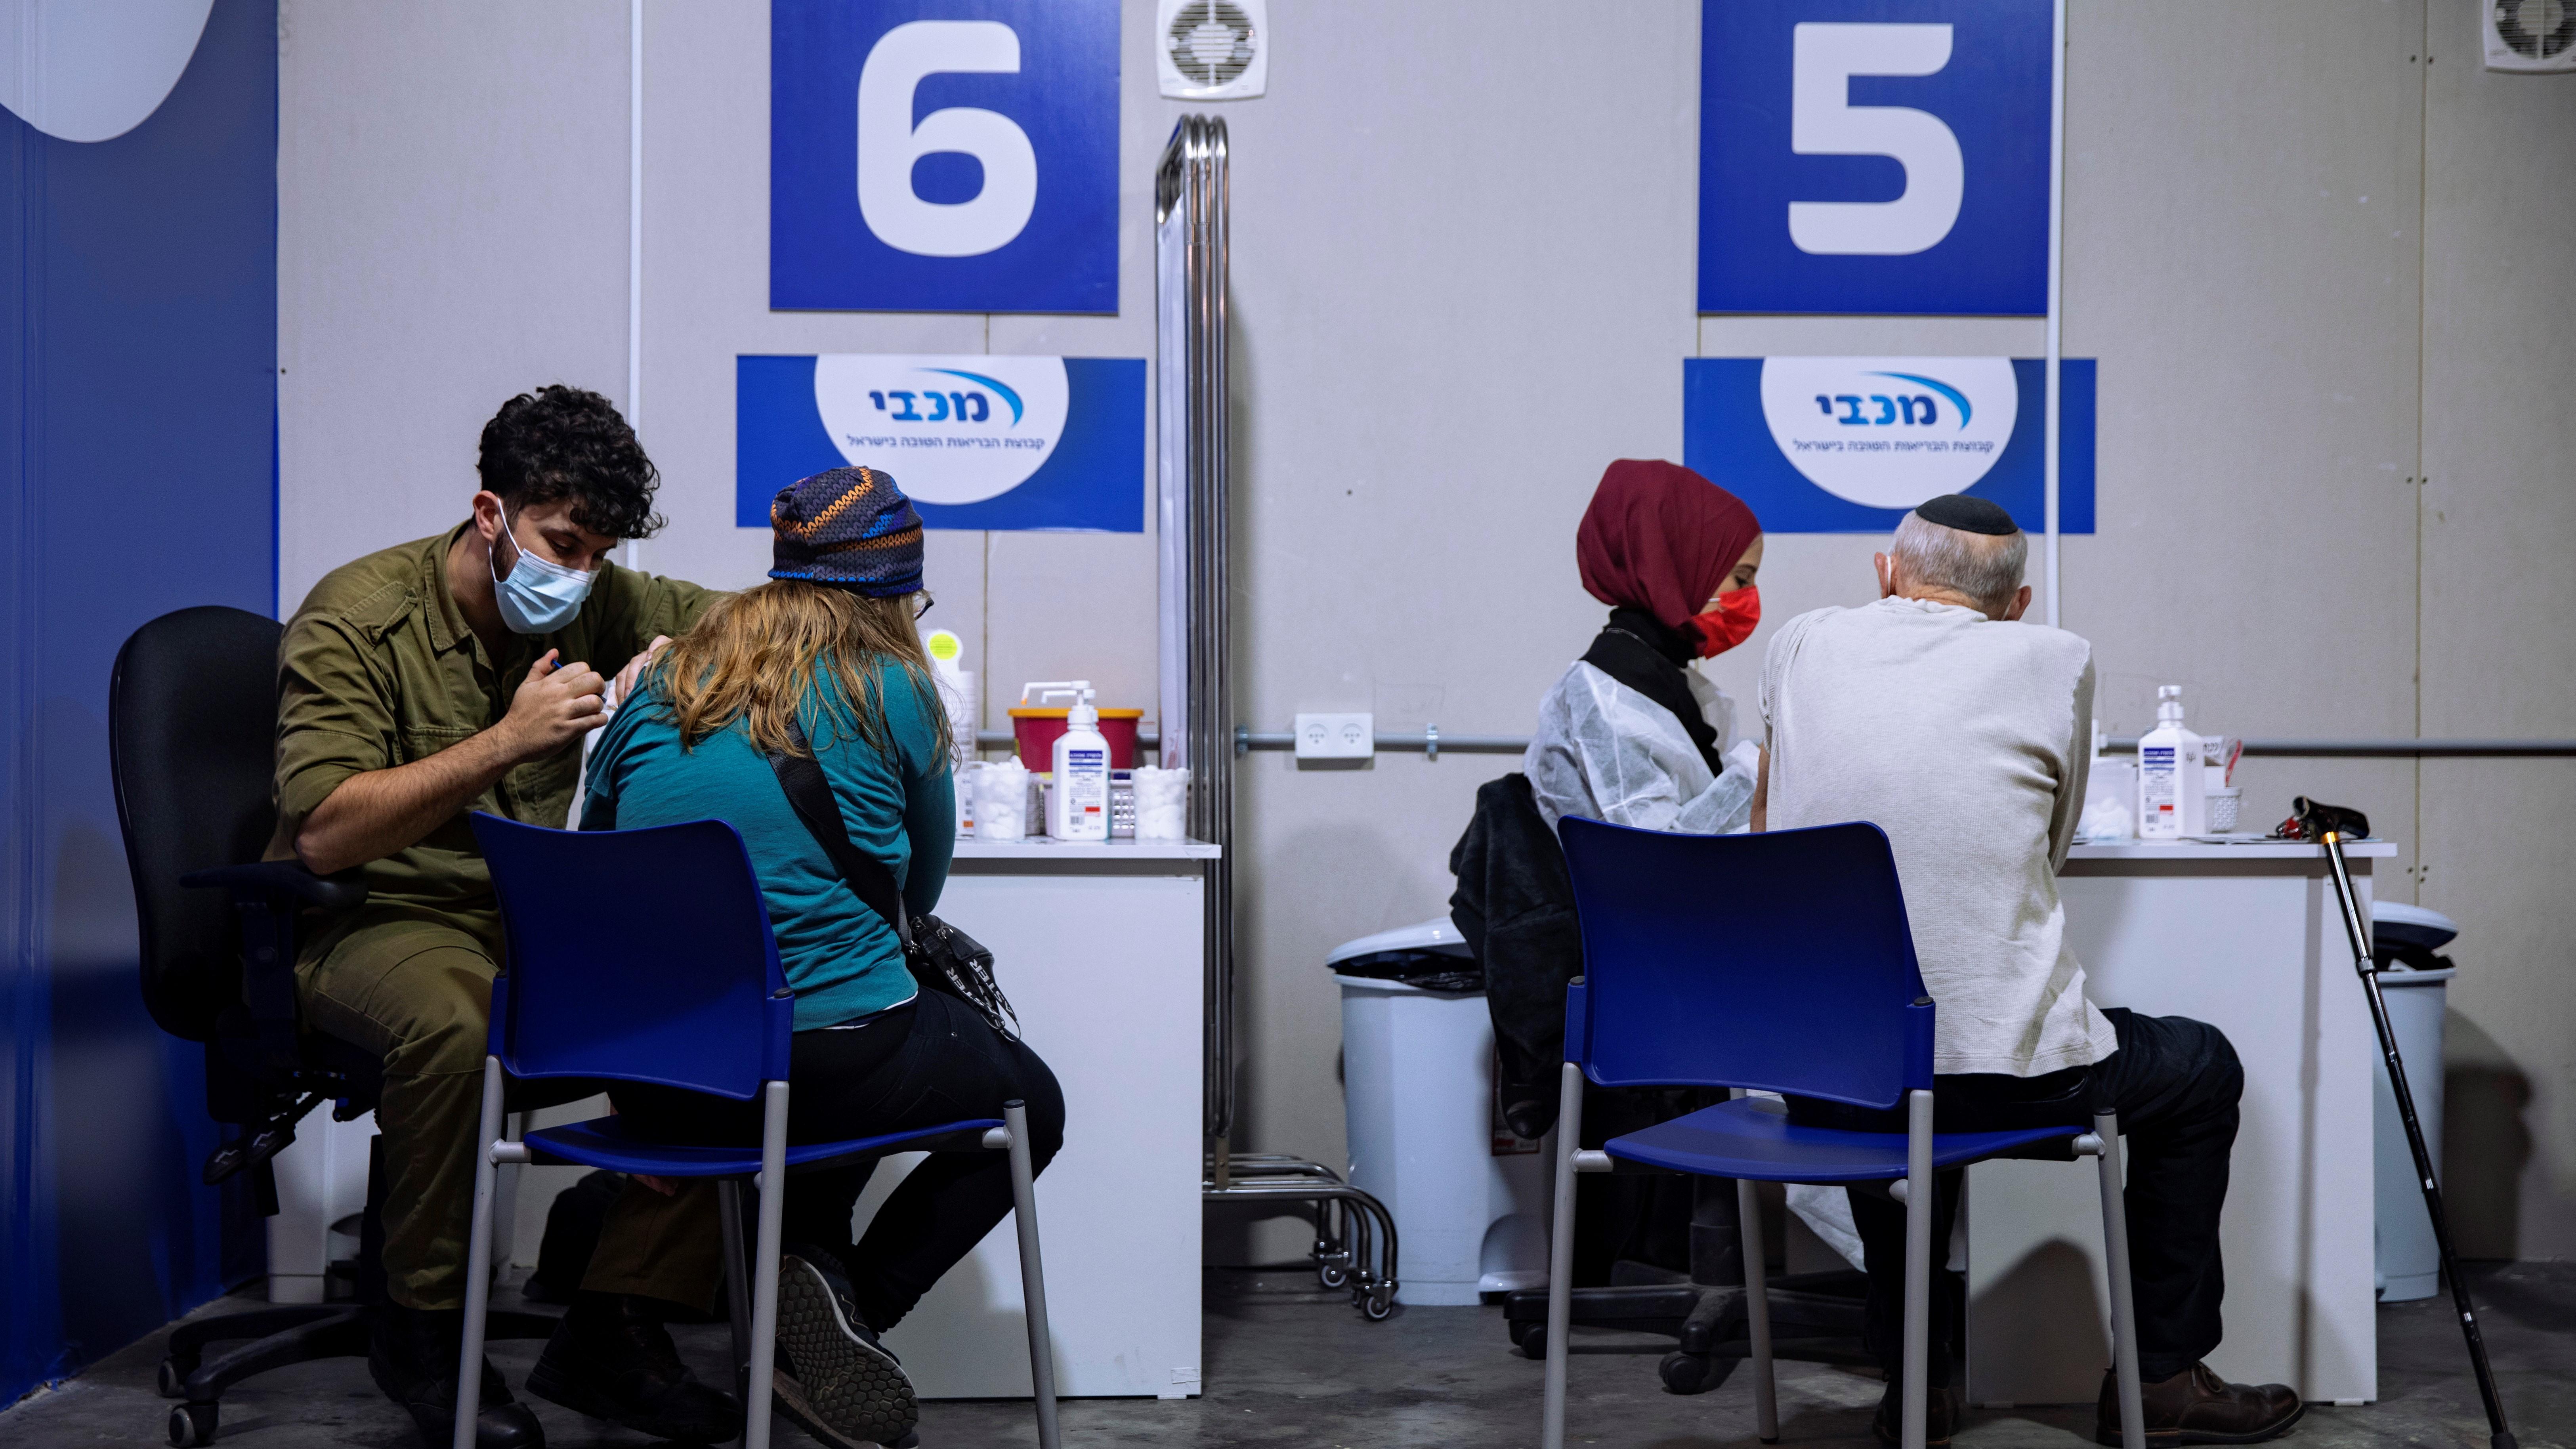 Izraelieket oltanak a Pfizer-BioNTech cégek koronavírus elleni vakcinájával egy bevásárlóközpont parkolójában, Givatayimban 2021. január 20-án.